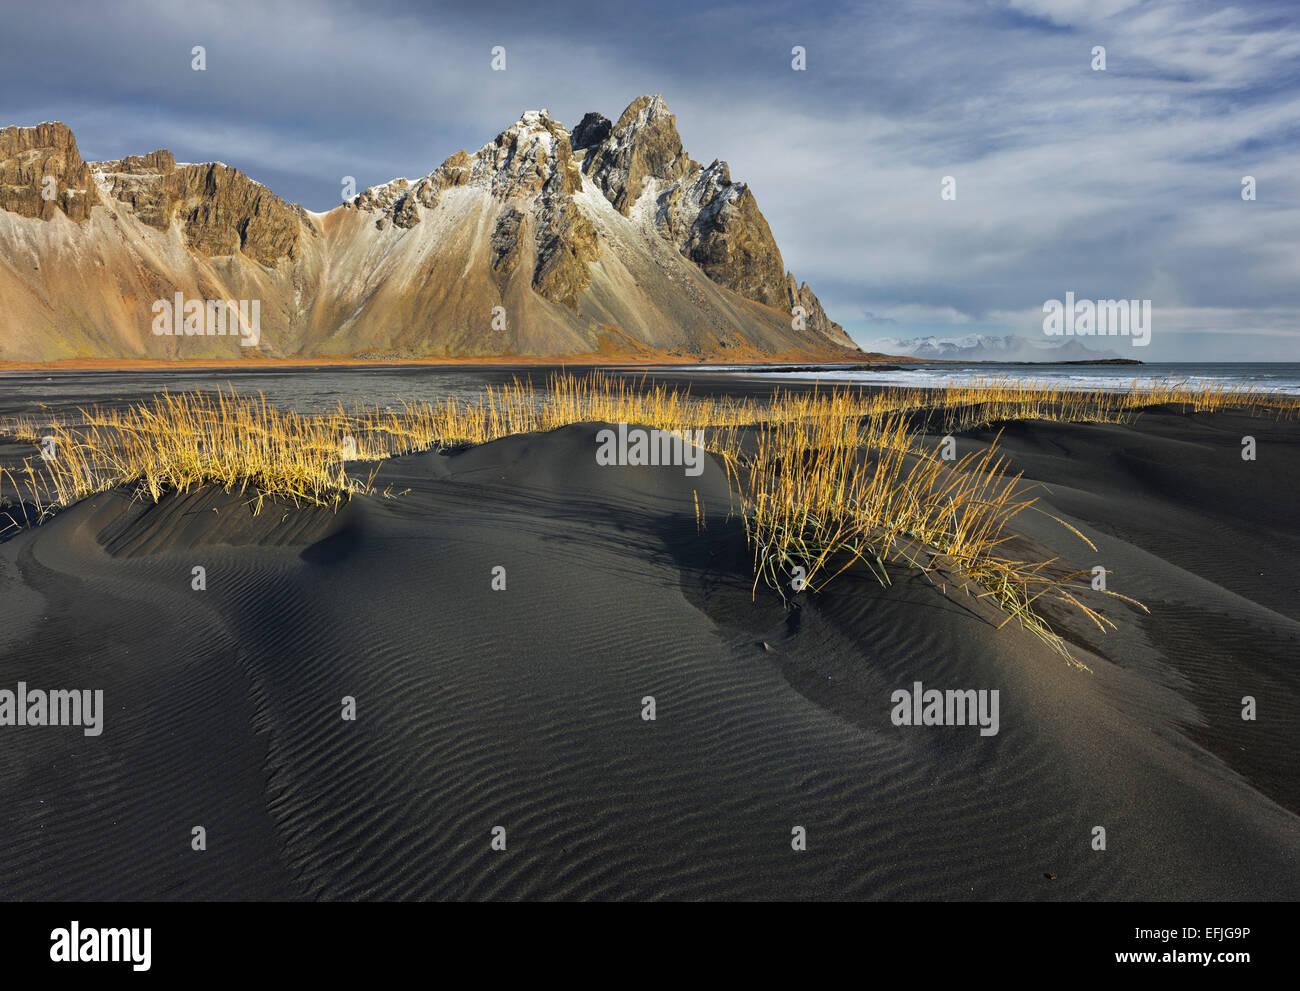 Black Sand, Kambhorn, Stokksnes, Hornsvik, East Iceland, Iceland - Stock Image